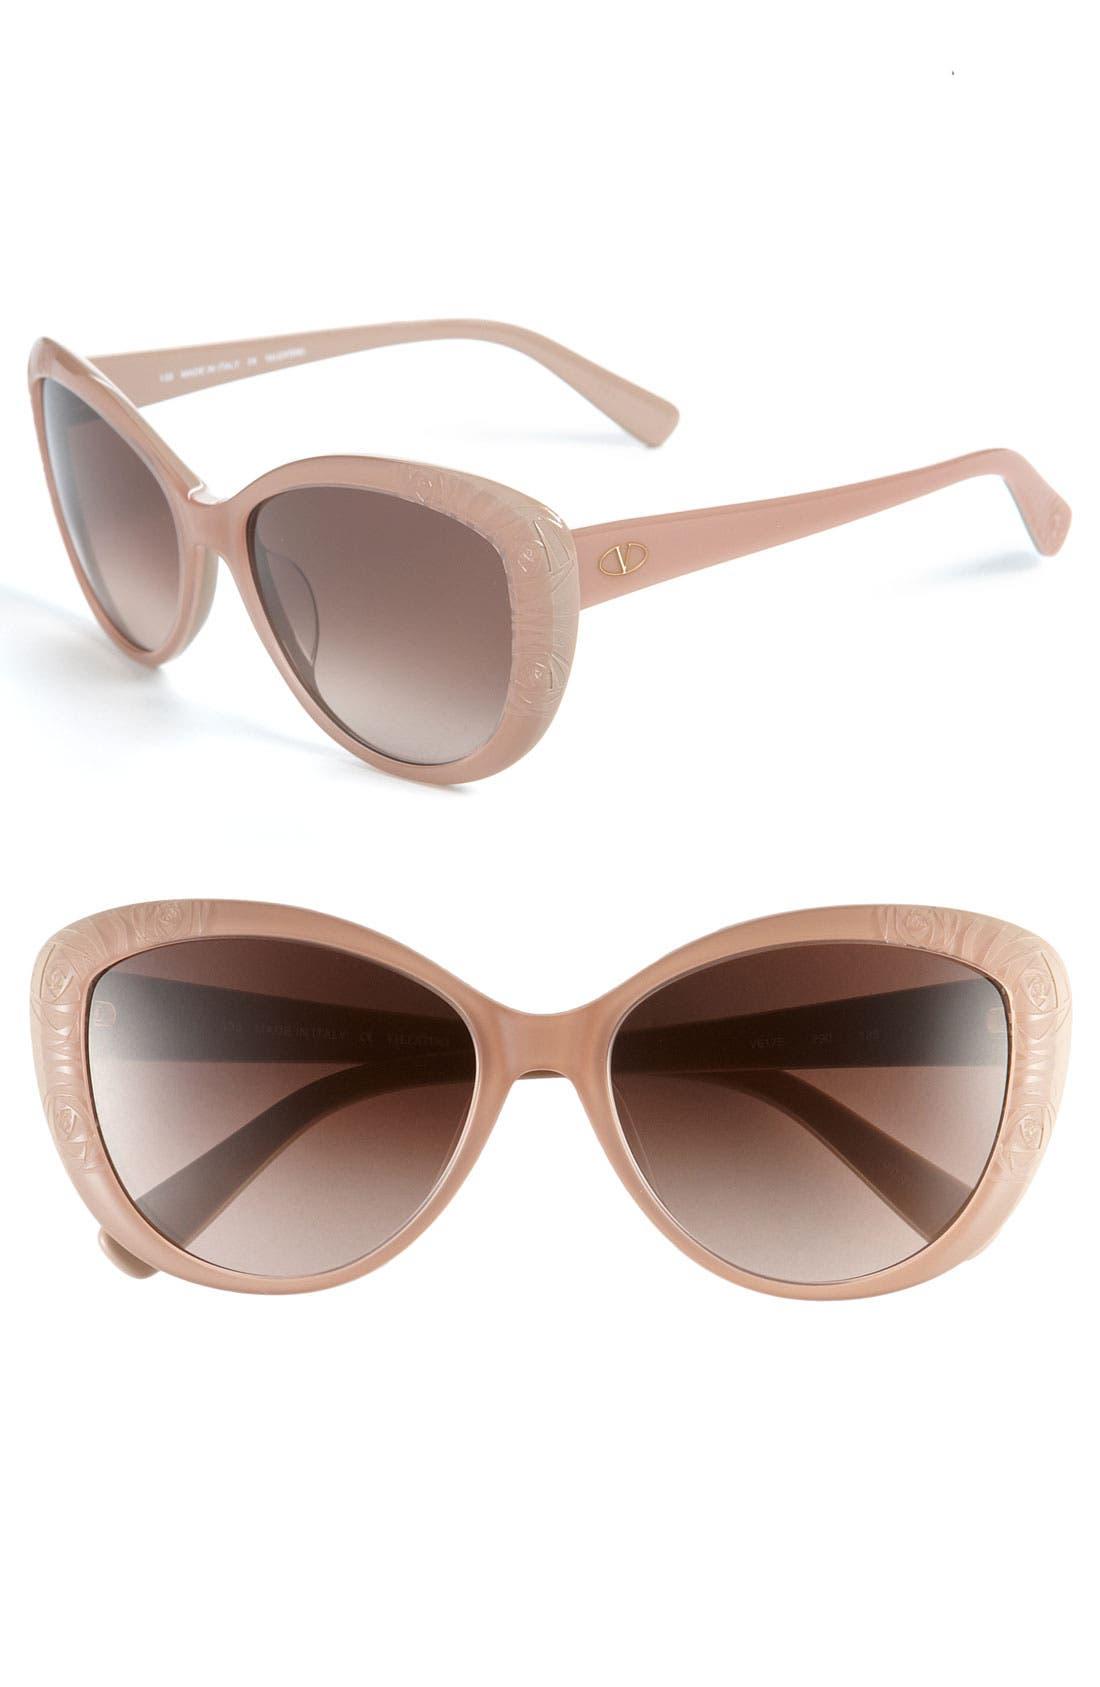 Main Image - Valentino 56mm Cat's Eye Sunglasses